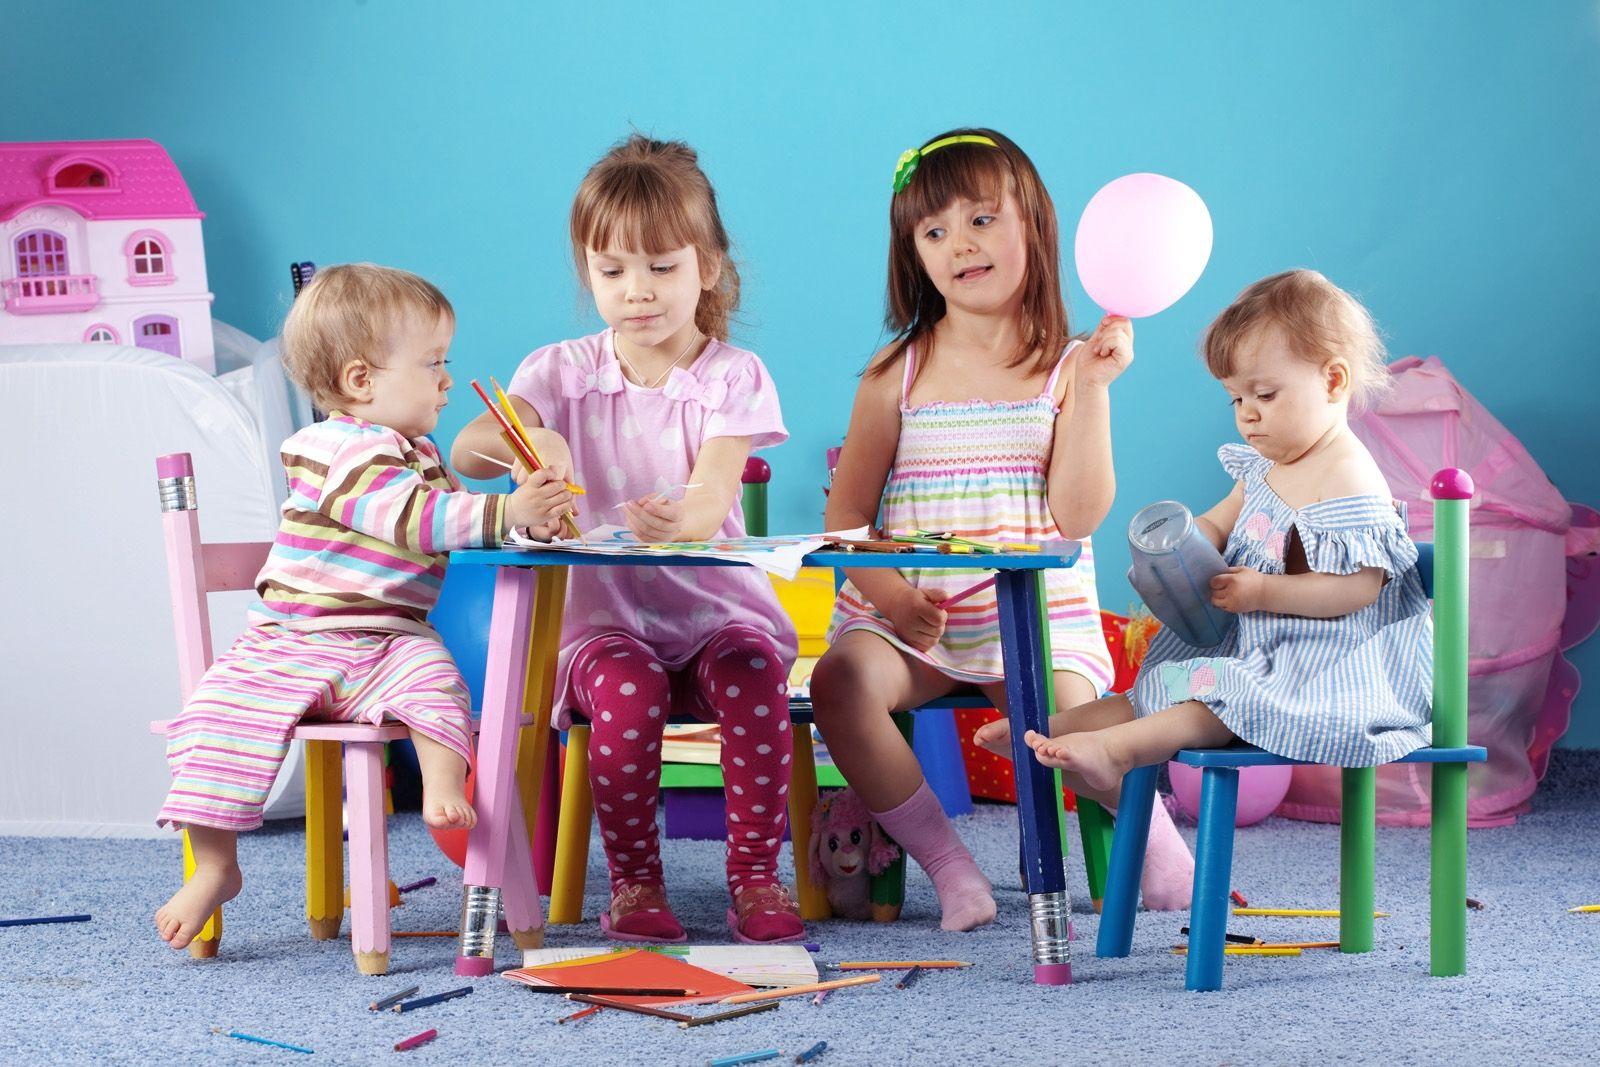 Детский сад в чертаново частные объявления где разместить объявление о продаже лекарств